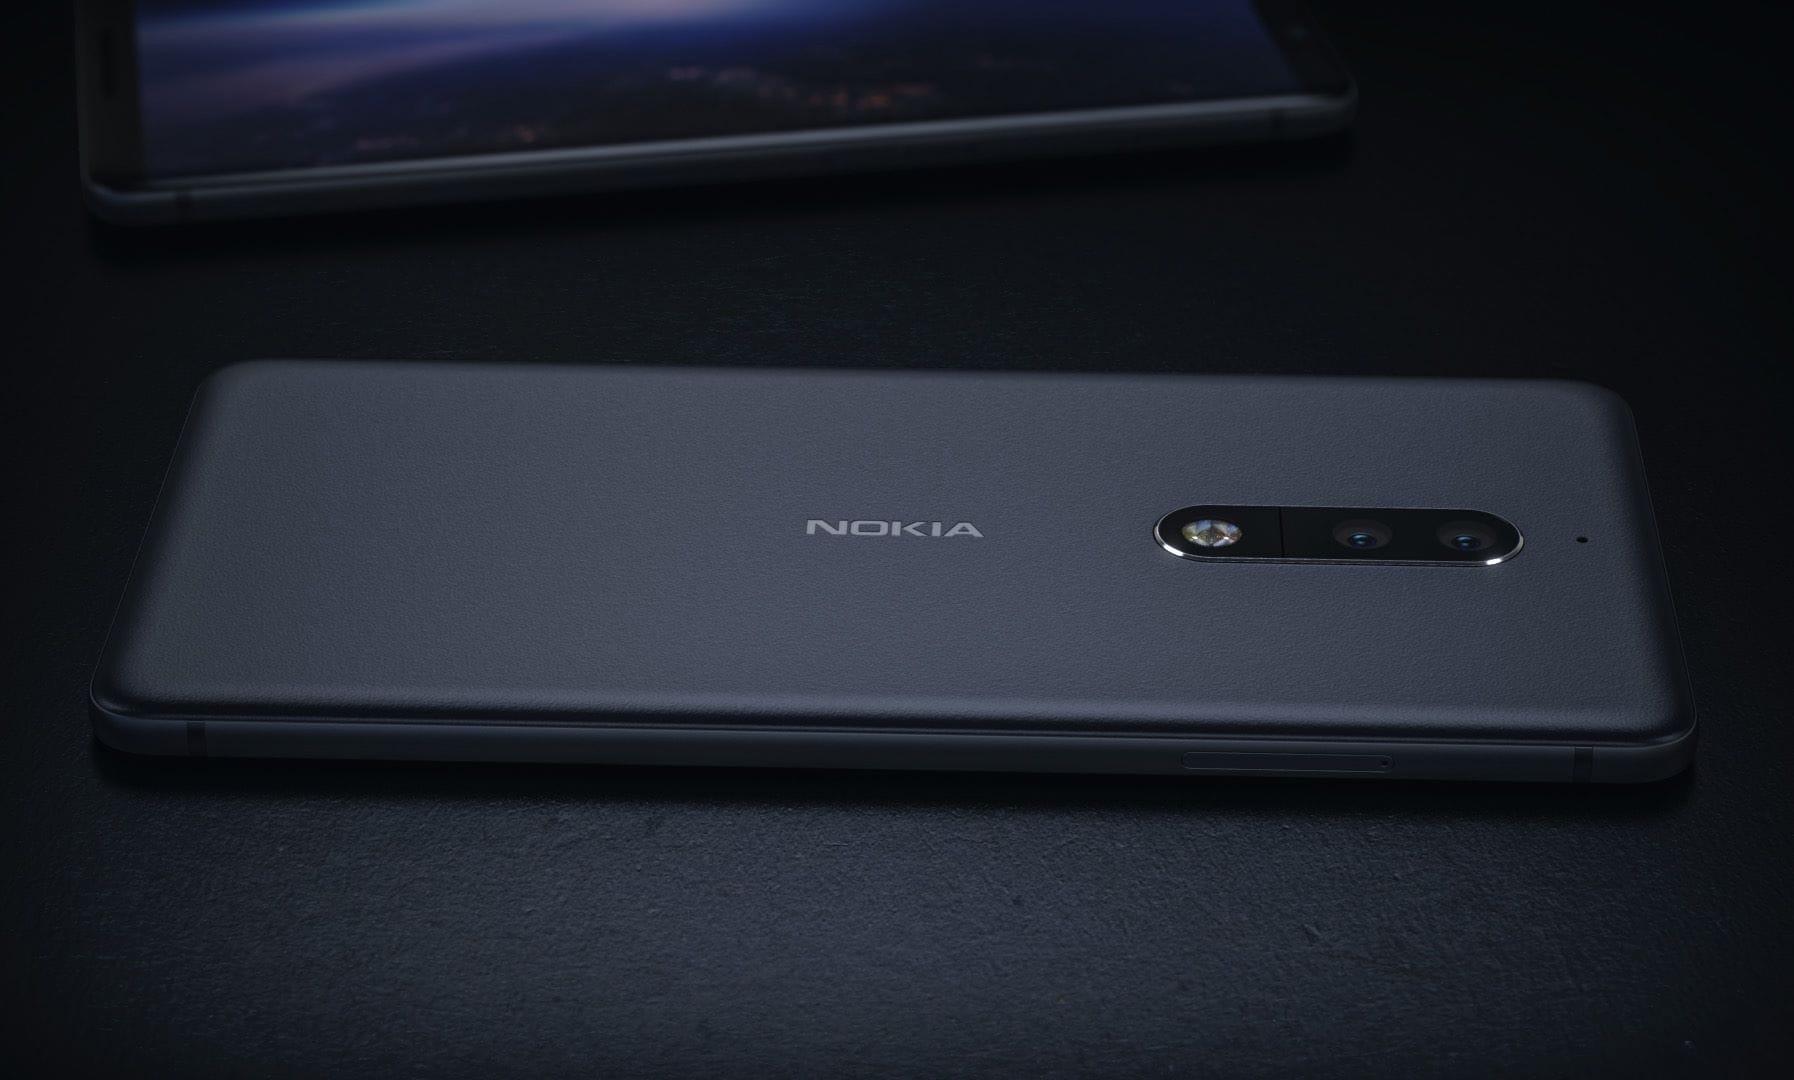 Бенчмарк AnTuTu подтвердил, что нокиа 9 снабжен процессором Snapdragon 835